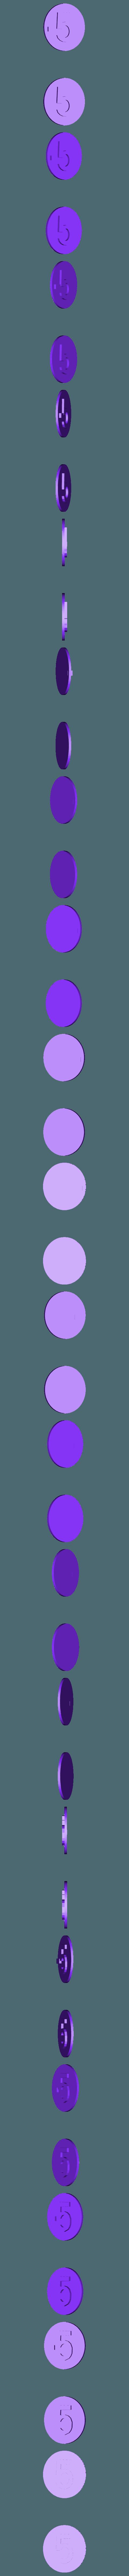 5.stl Télécharger fichier STL gratuit calendrier et ses résolutions  • Plan à imprimer en 3D, catf3d